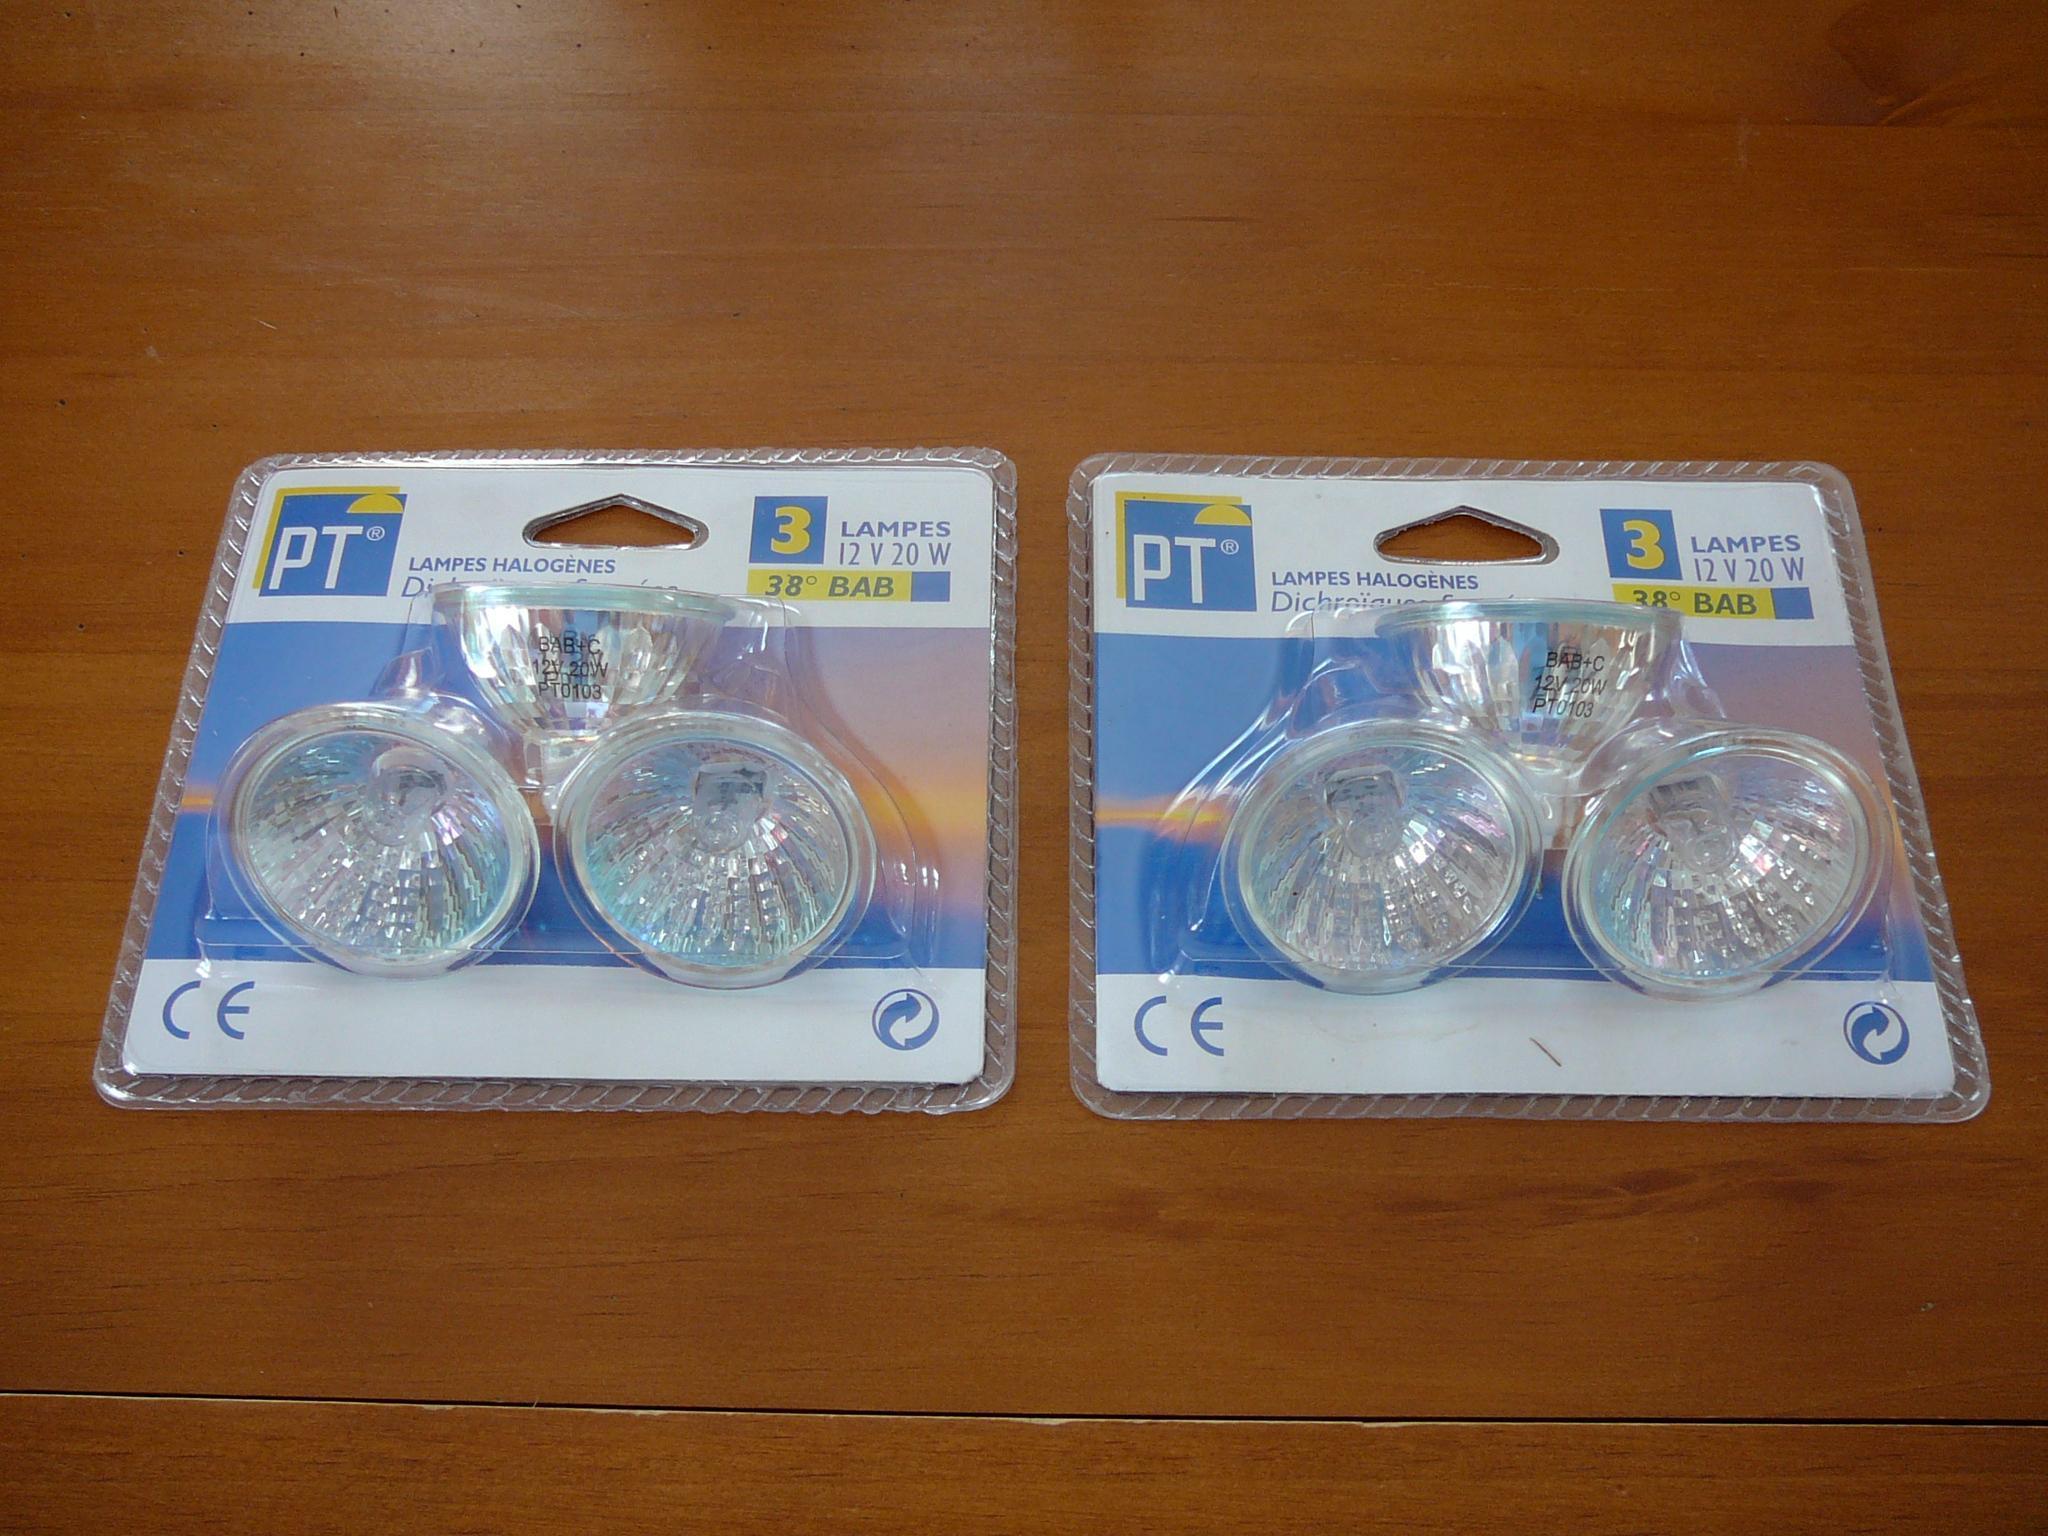 troc de troc lot neufs d'ampoules image 1